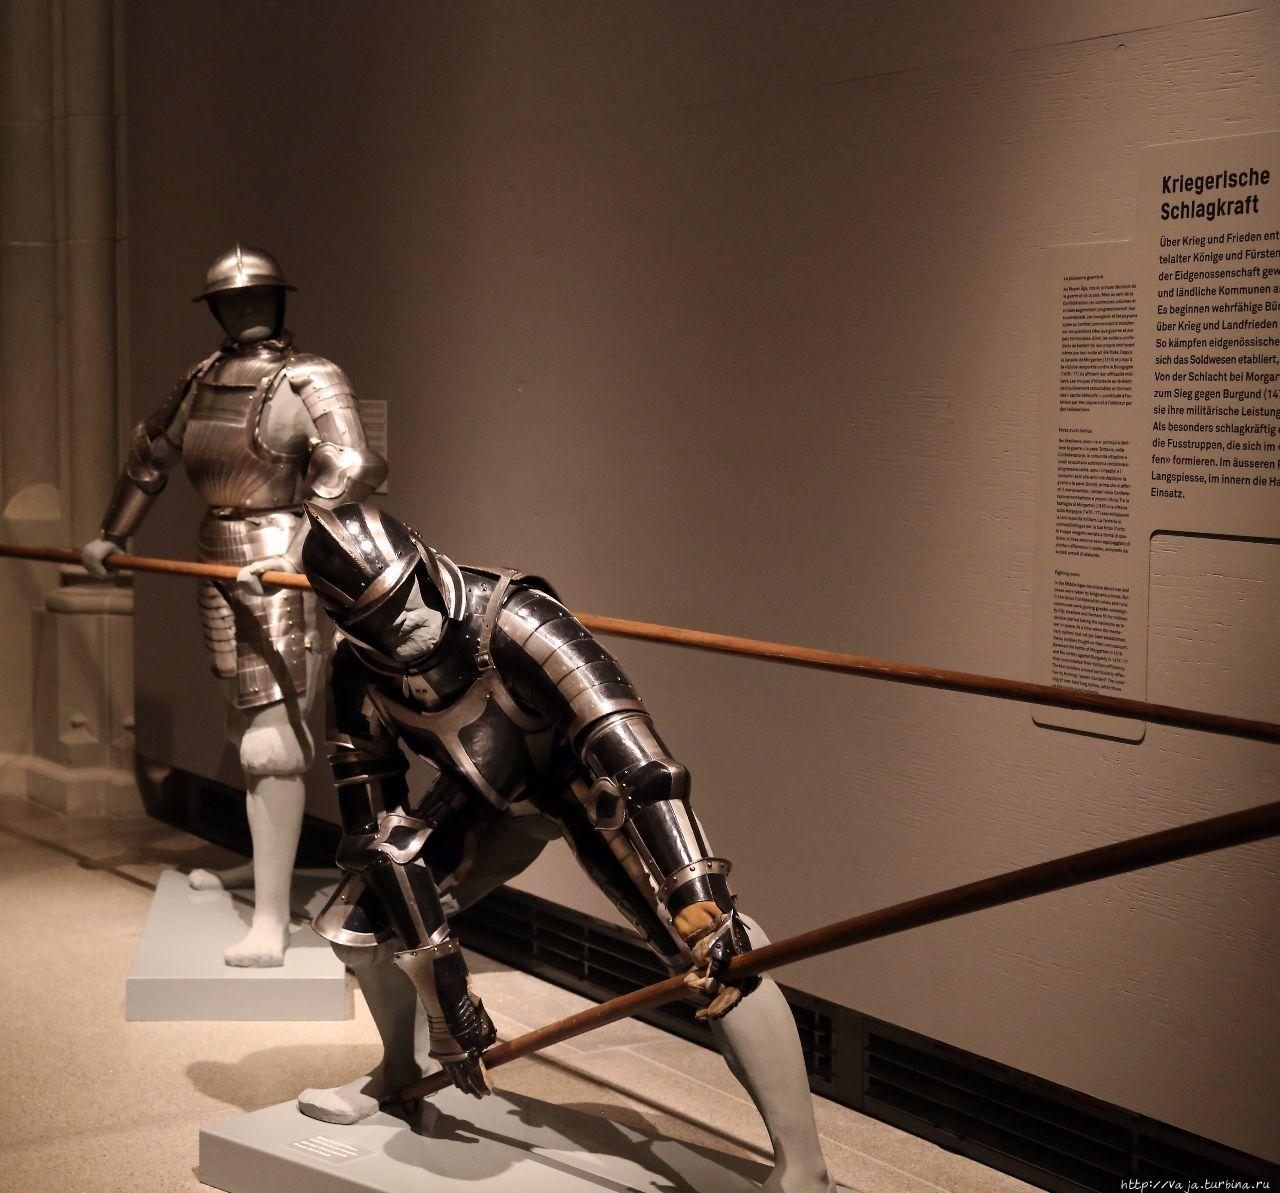 Национальный музей Швейцарии. Четвёртая часть Цюрих, Швейцария